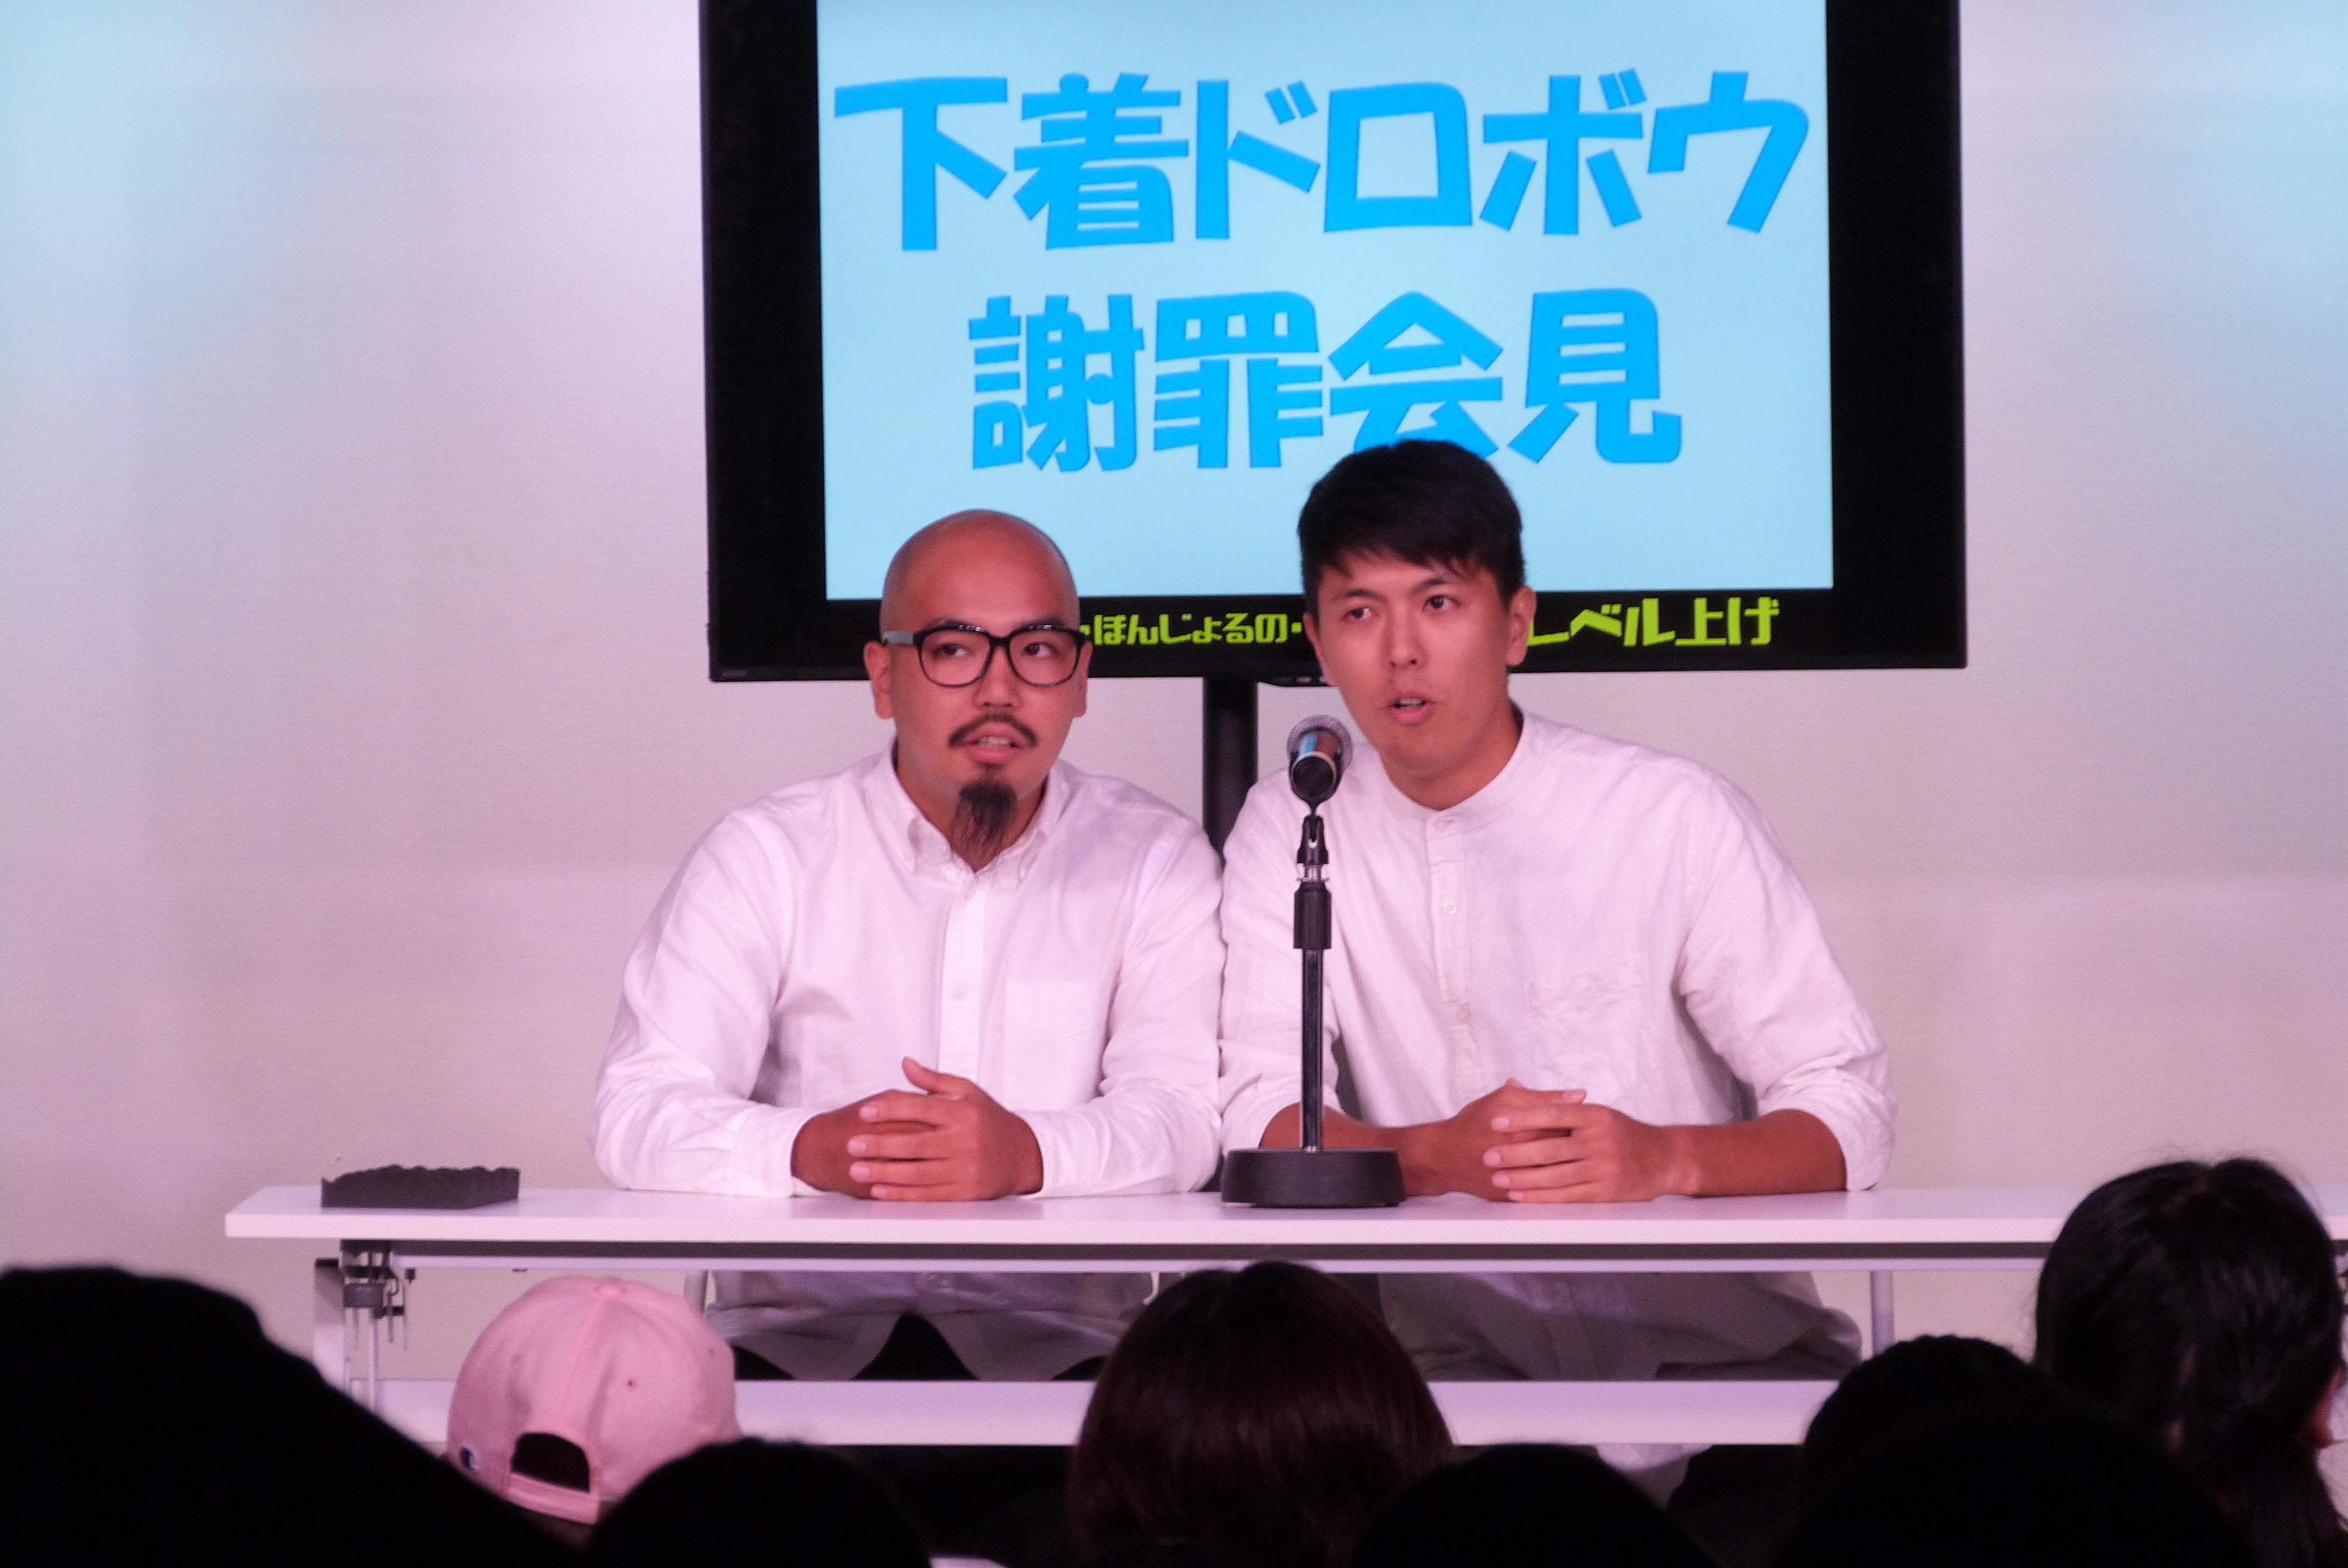 http://news.yoshimoto.co.jp/20180727214223-03d158ae712e179b8af920e751fcb3128f178eef.jpg